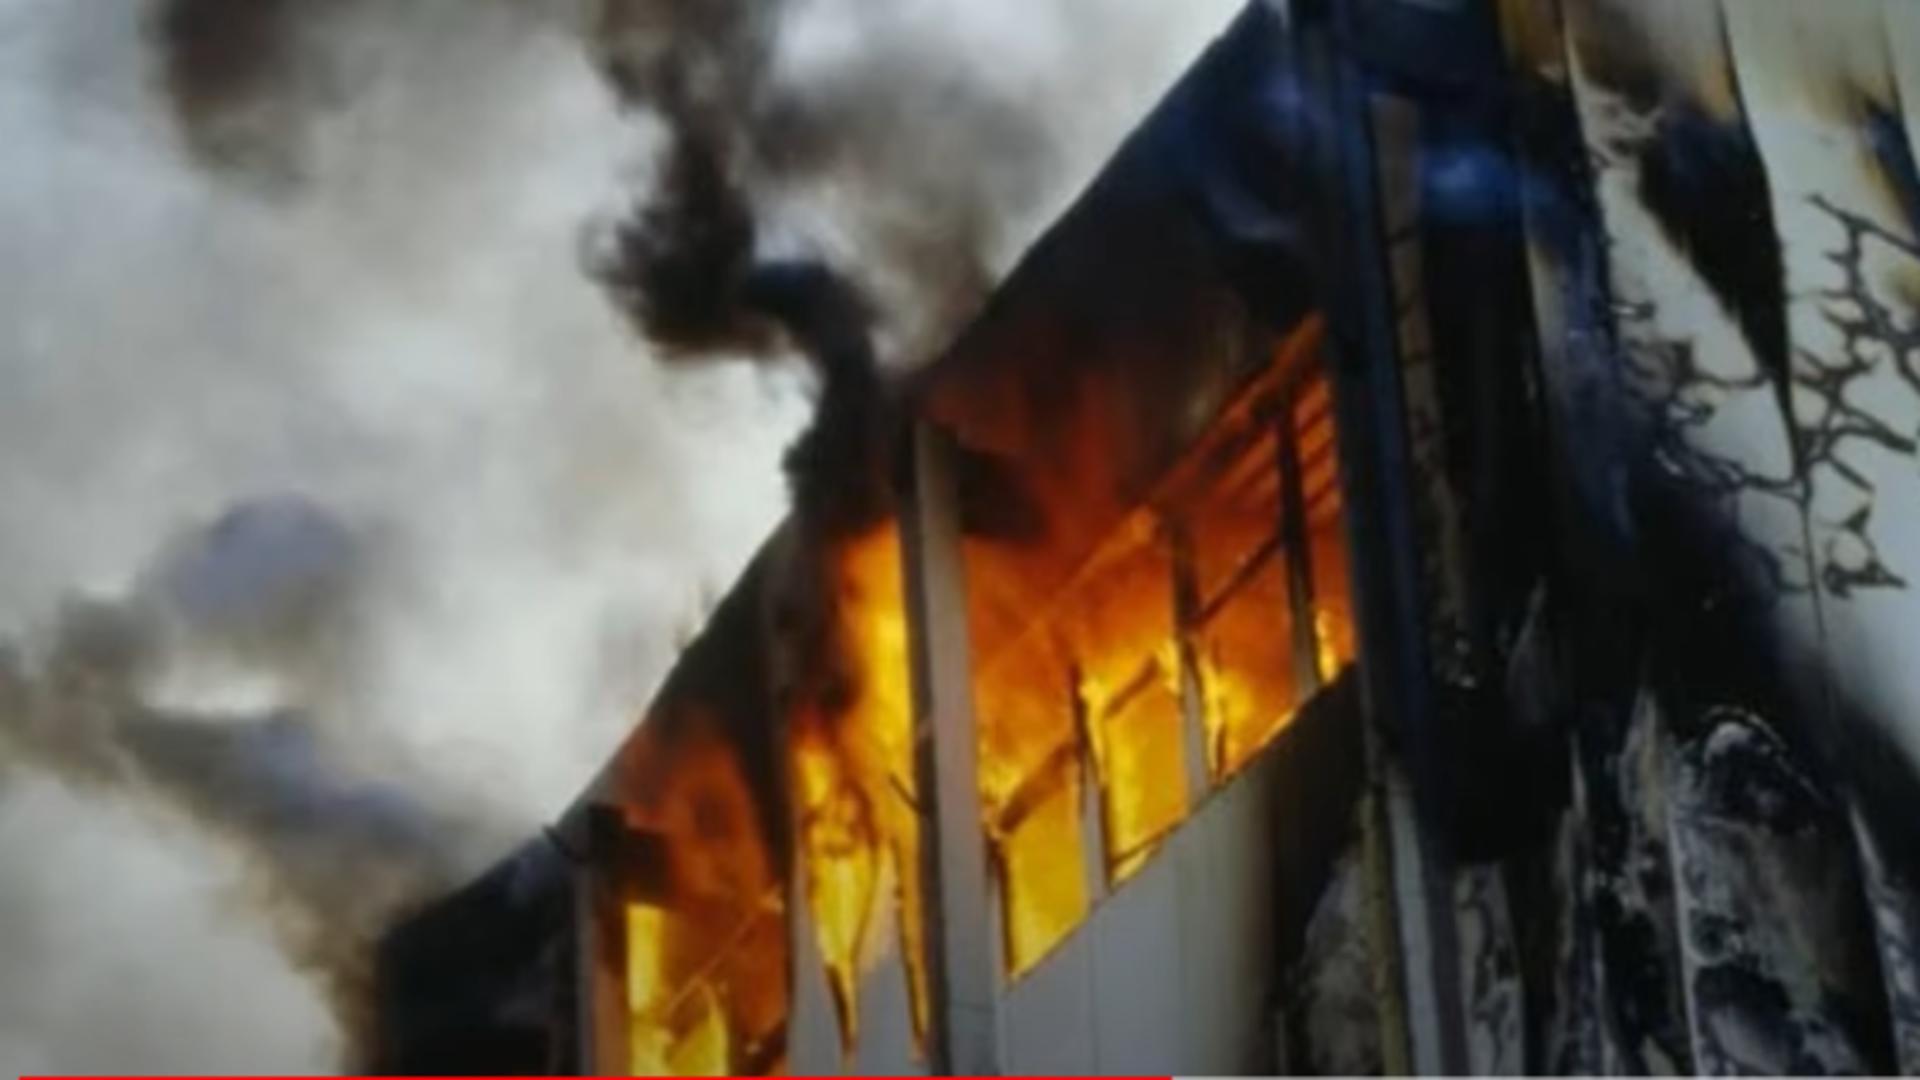 Incendiu Indonezia. Foto: captură YouTube